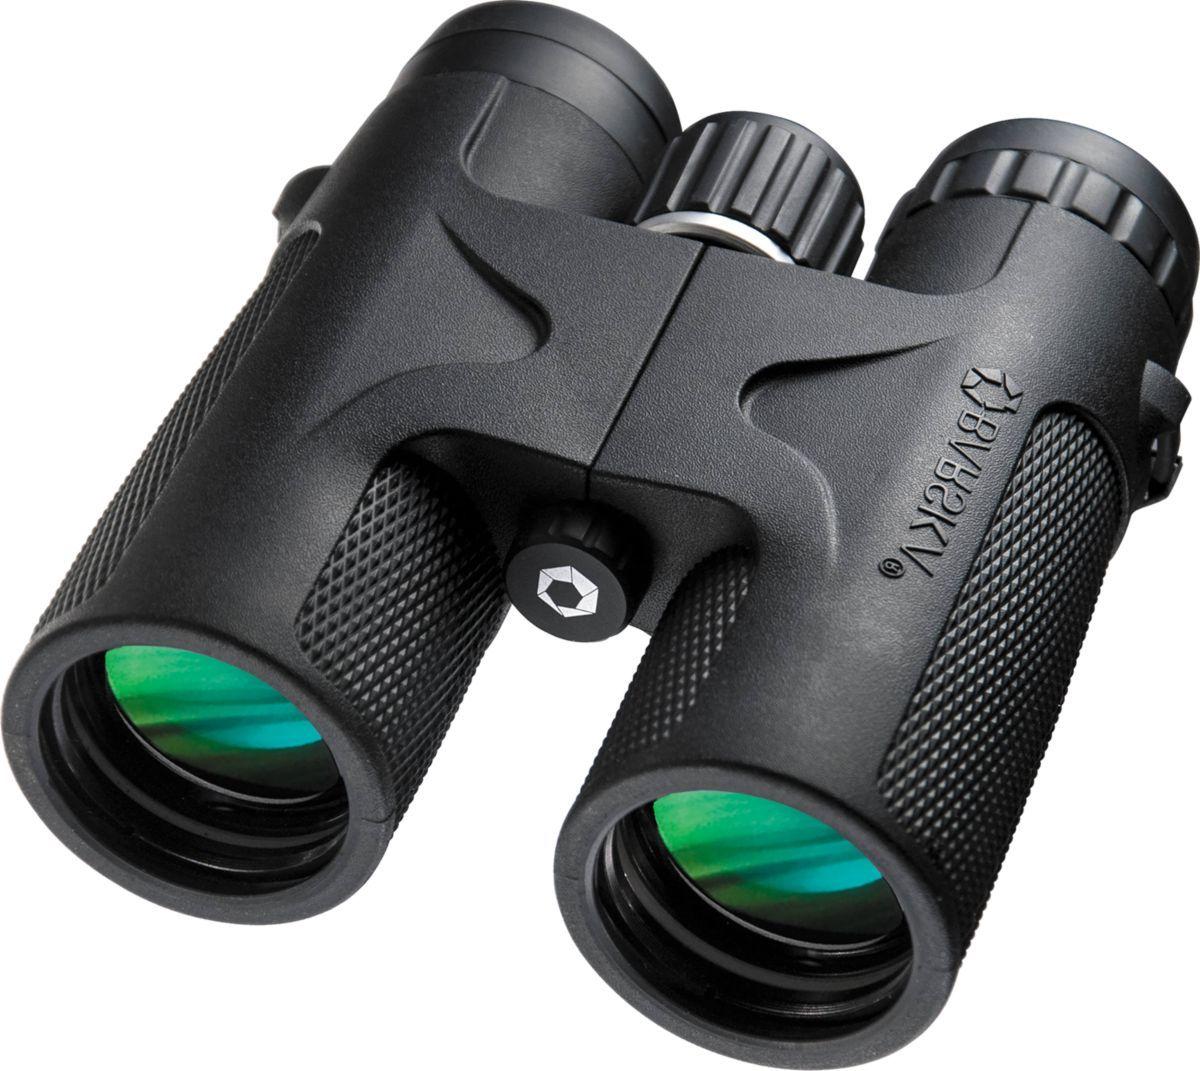 Barska Blackhawk 12x42 Binoculars